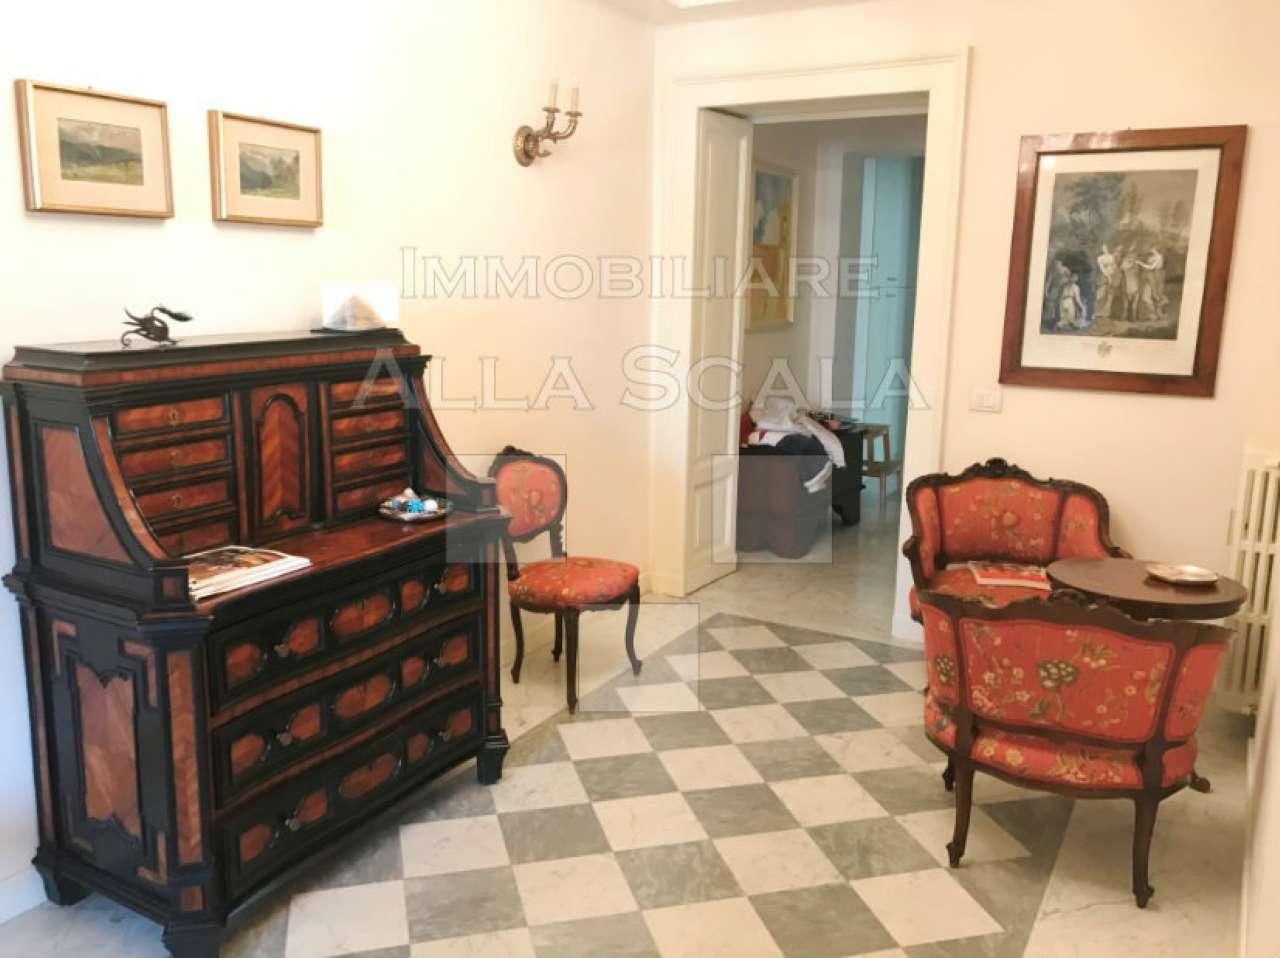 Appartamento in Vendita a Milano: 4 locali, 240 mq - Foto 4